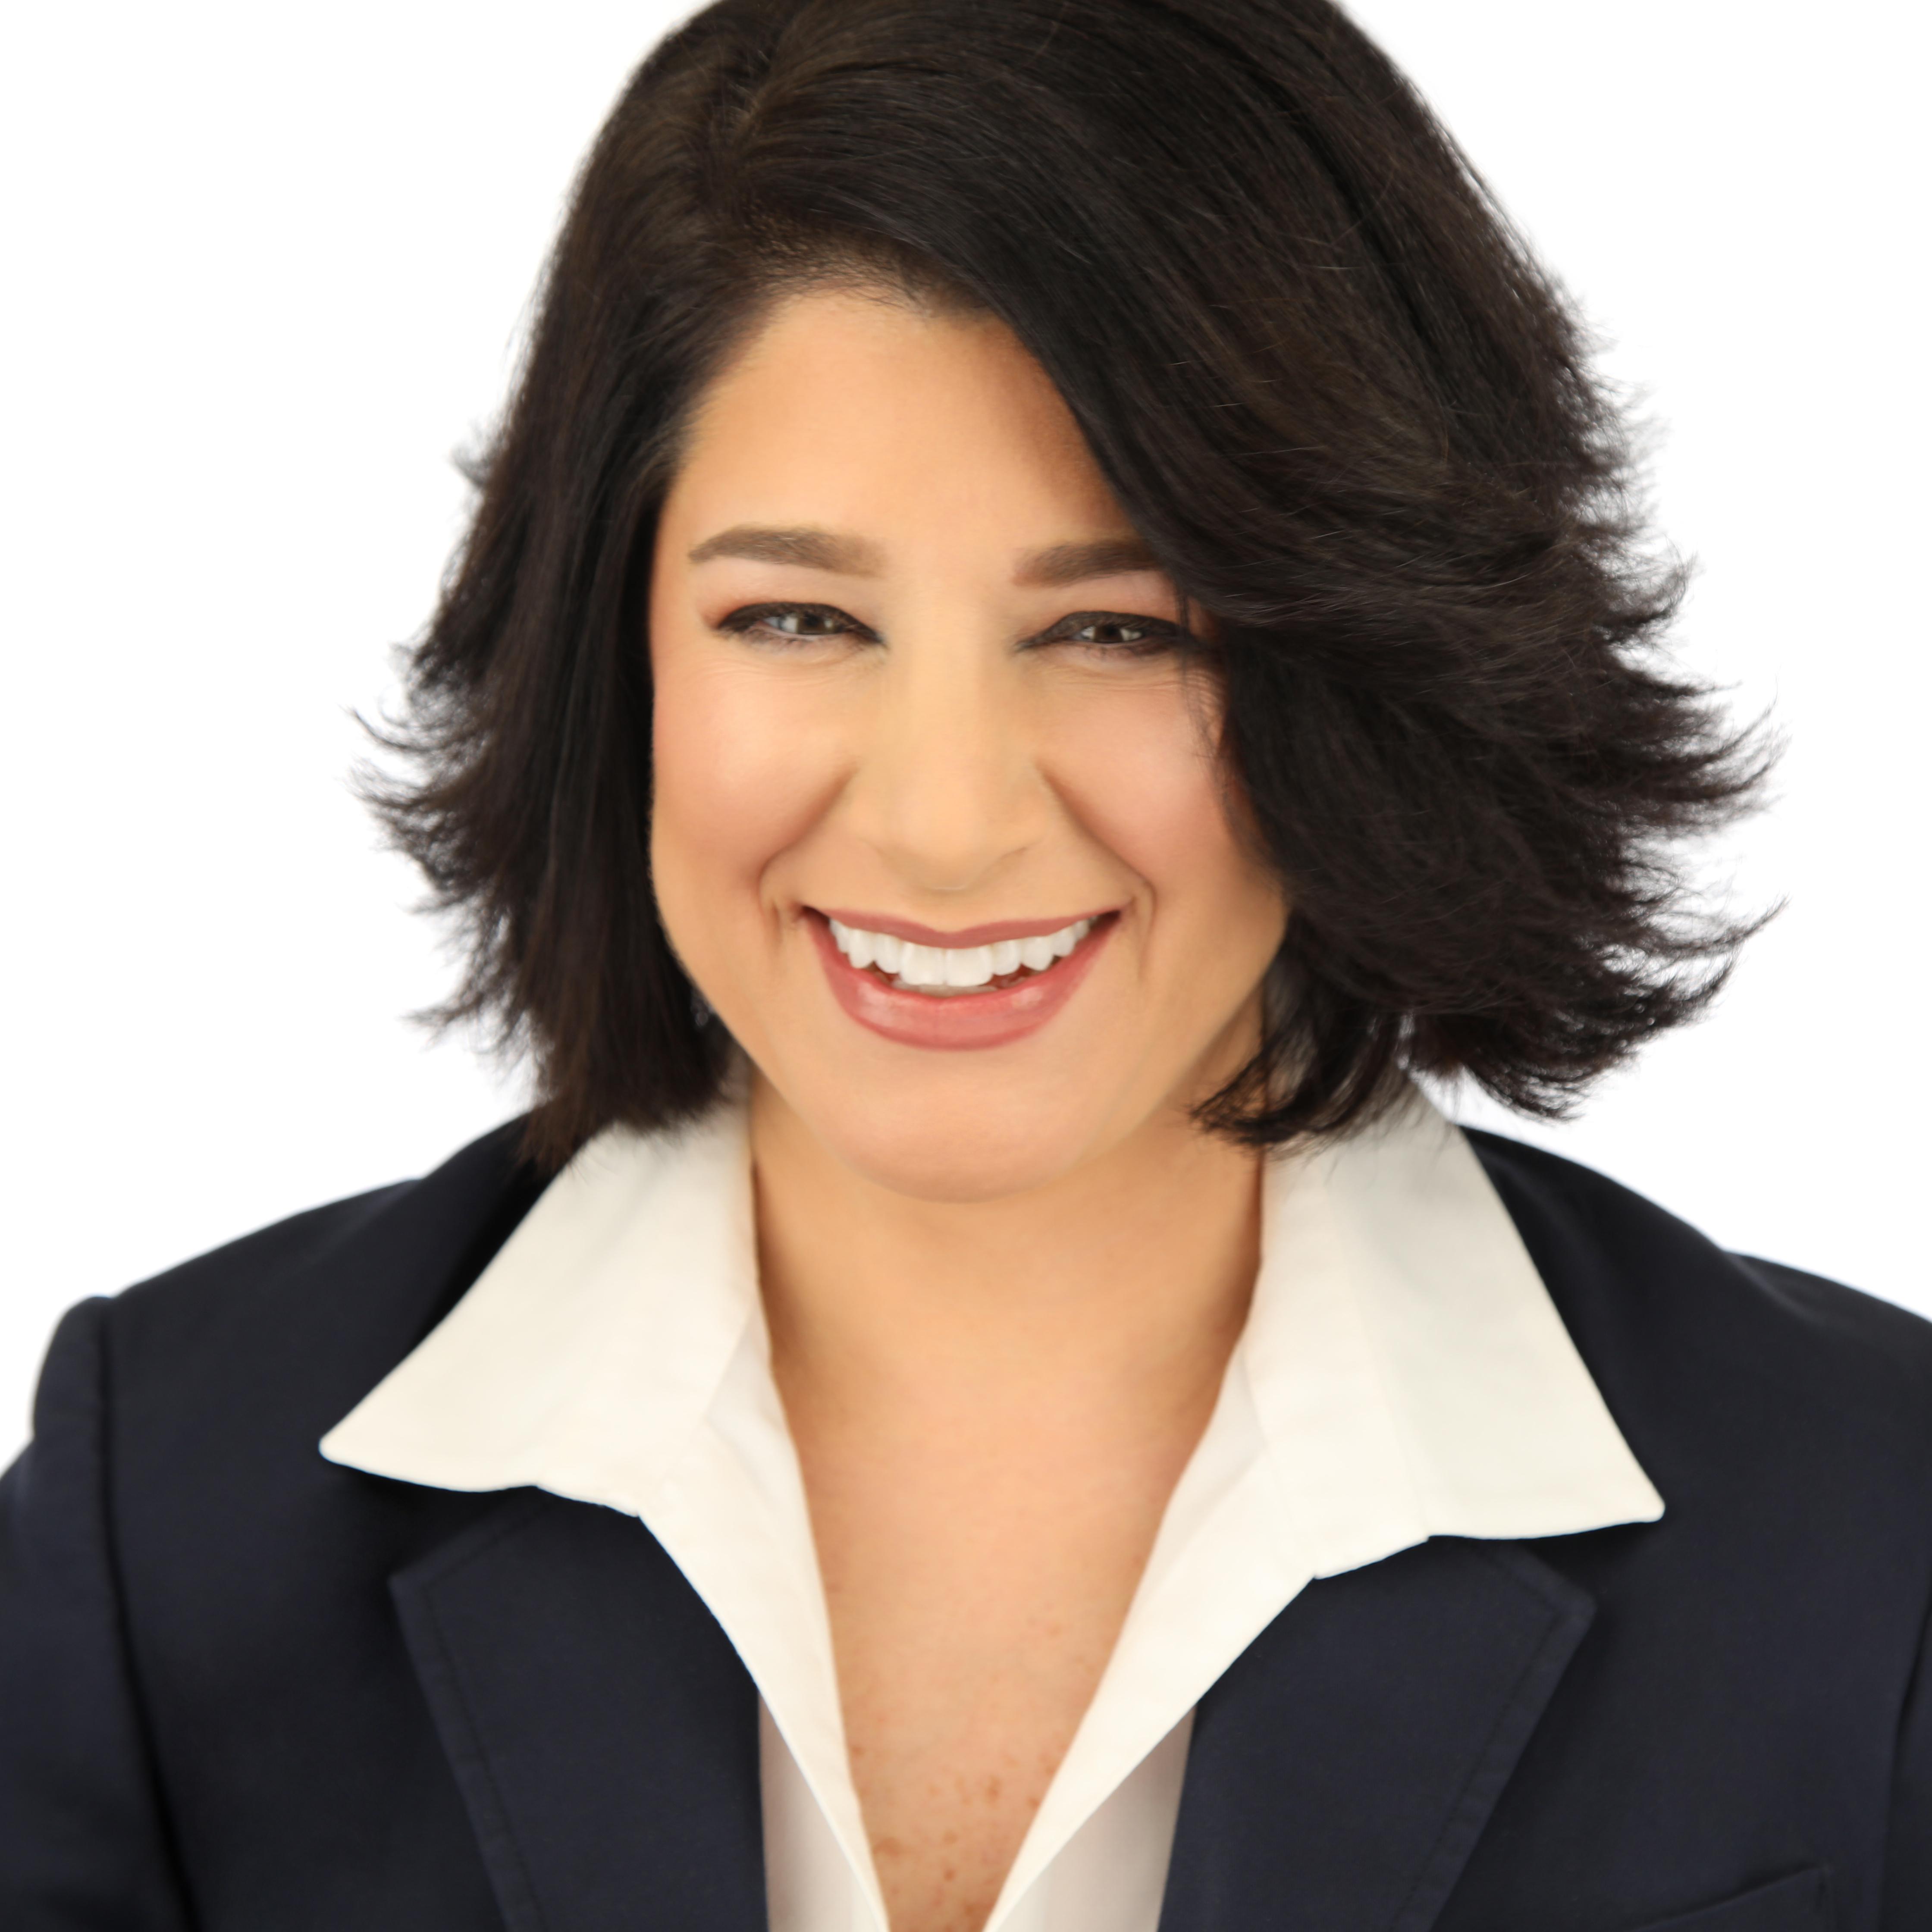 Lauren Rosenblatt